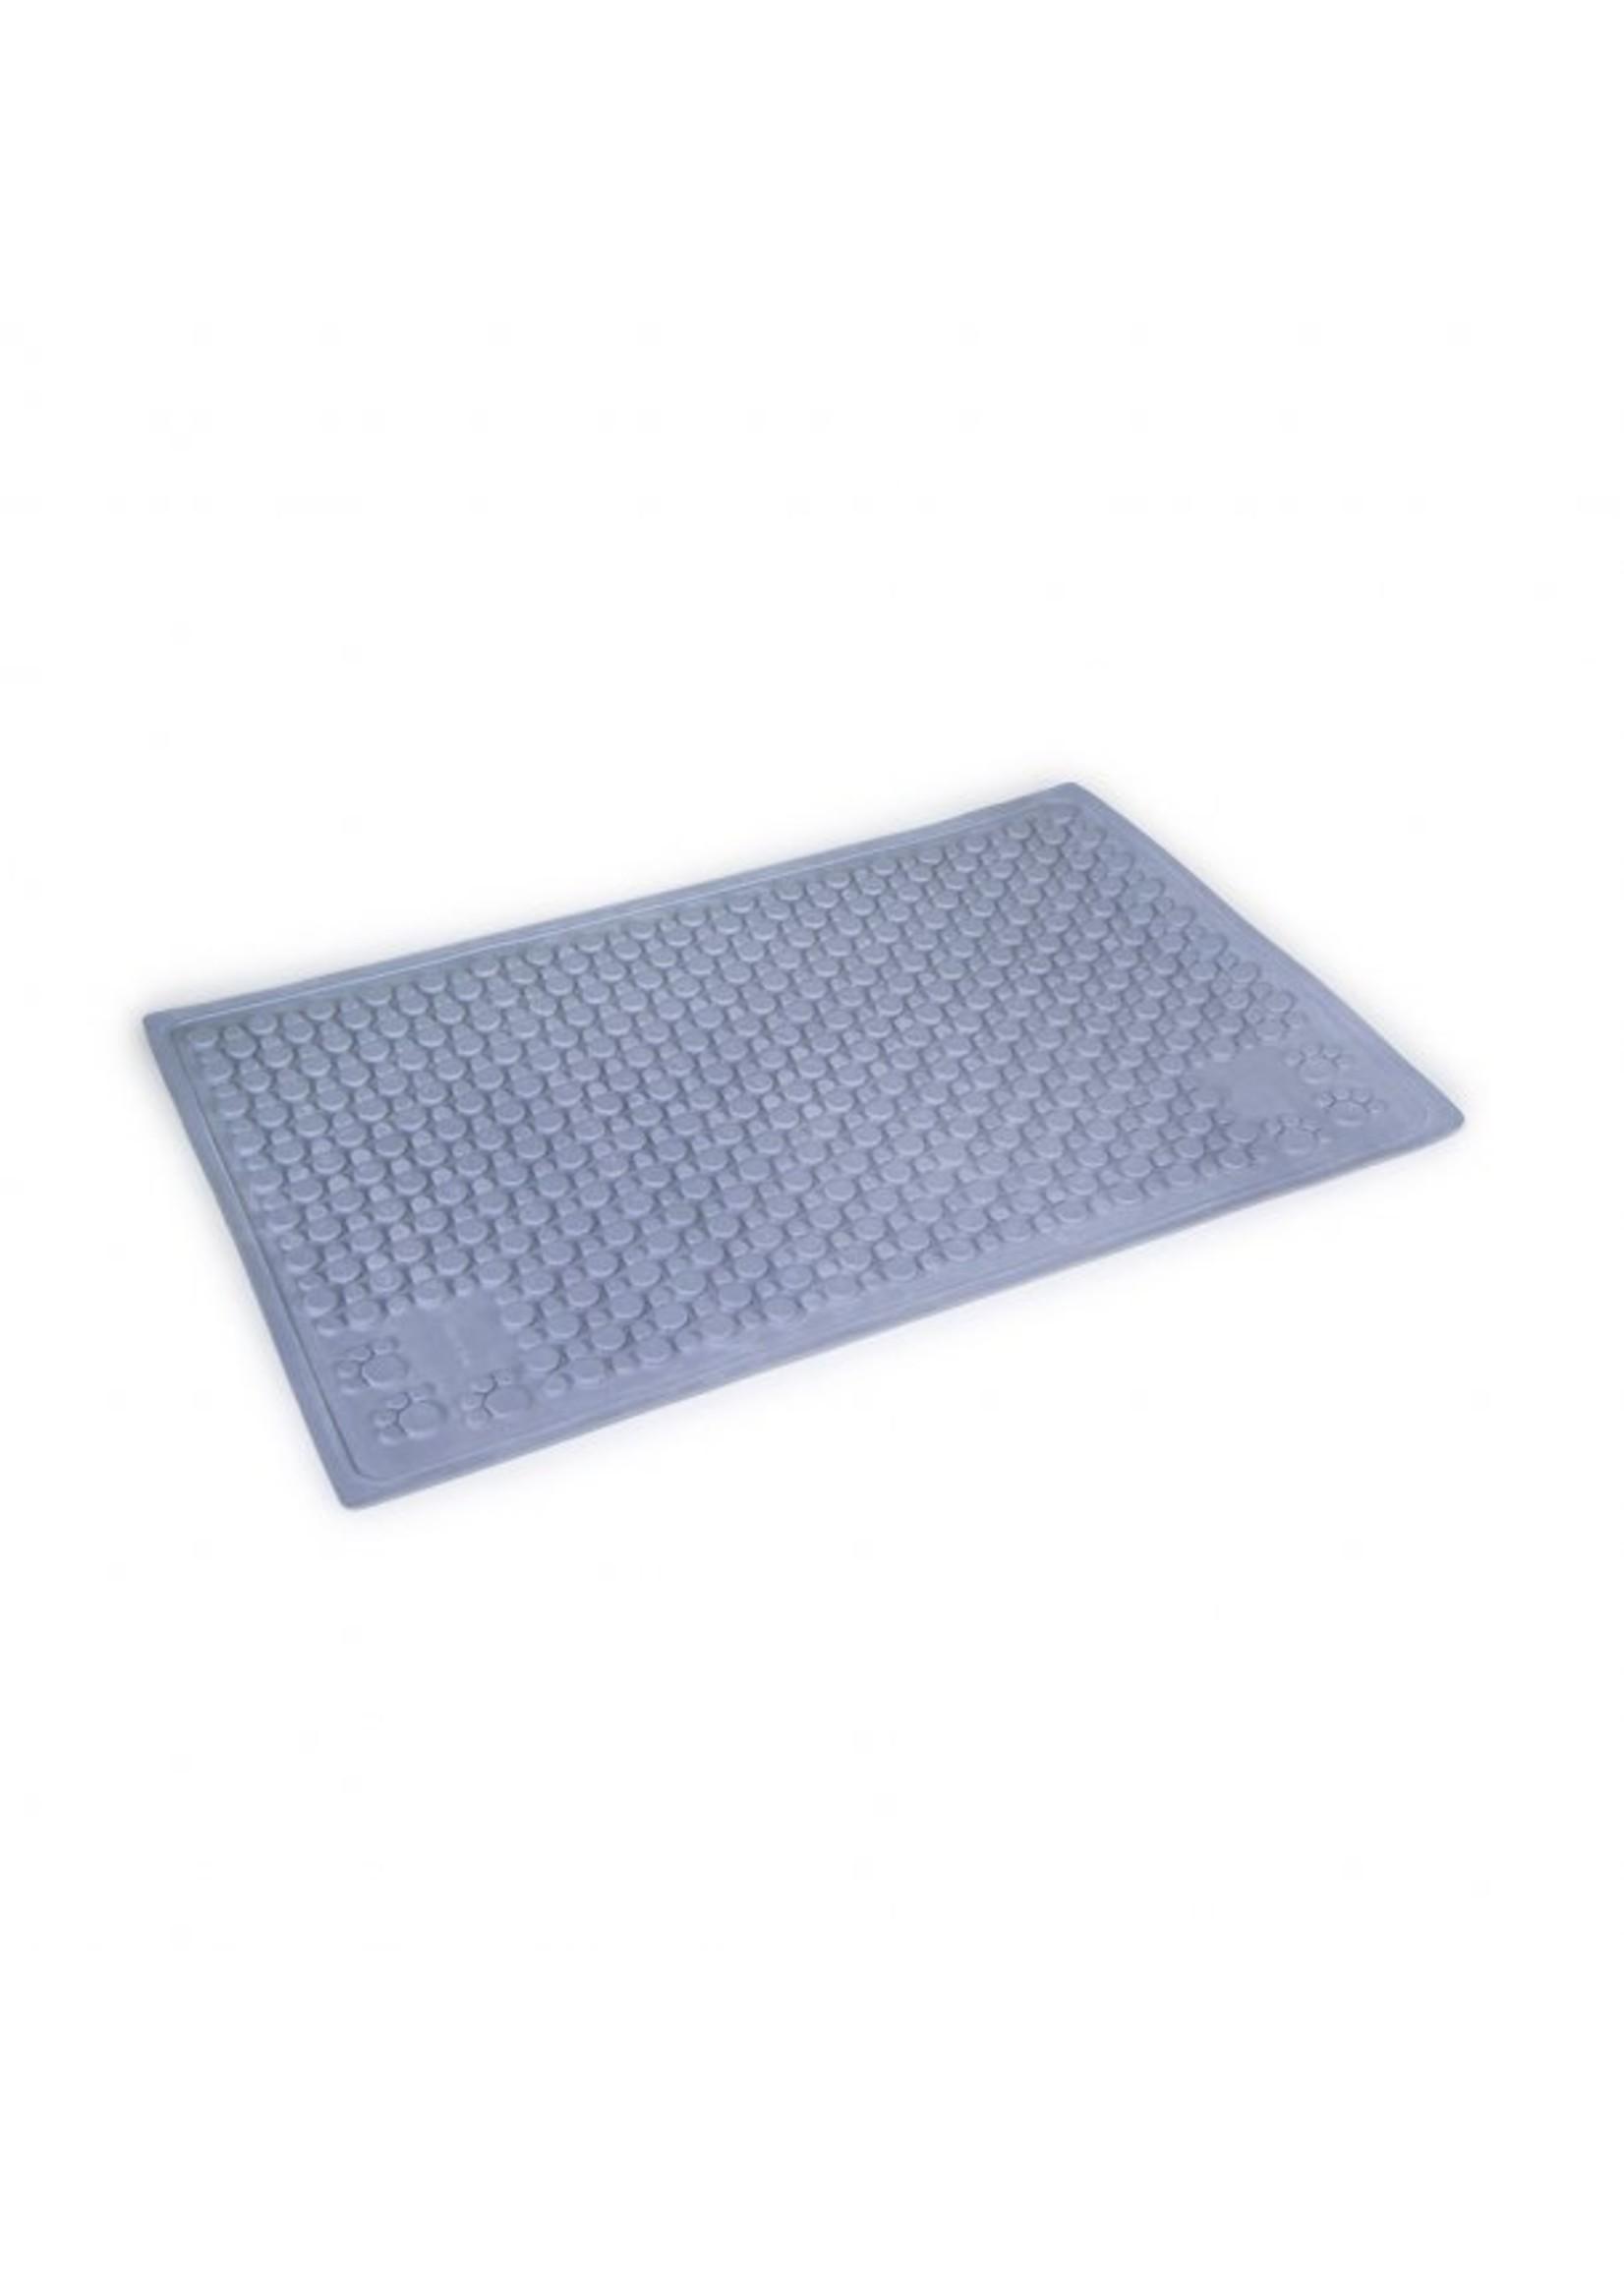 Petlink Petlink Purrfect Litter Mat